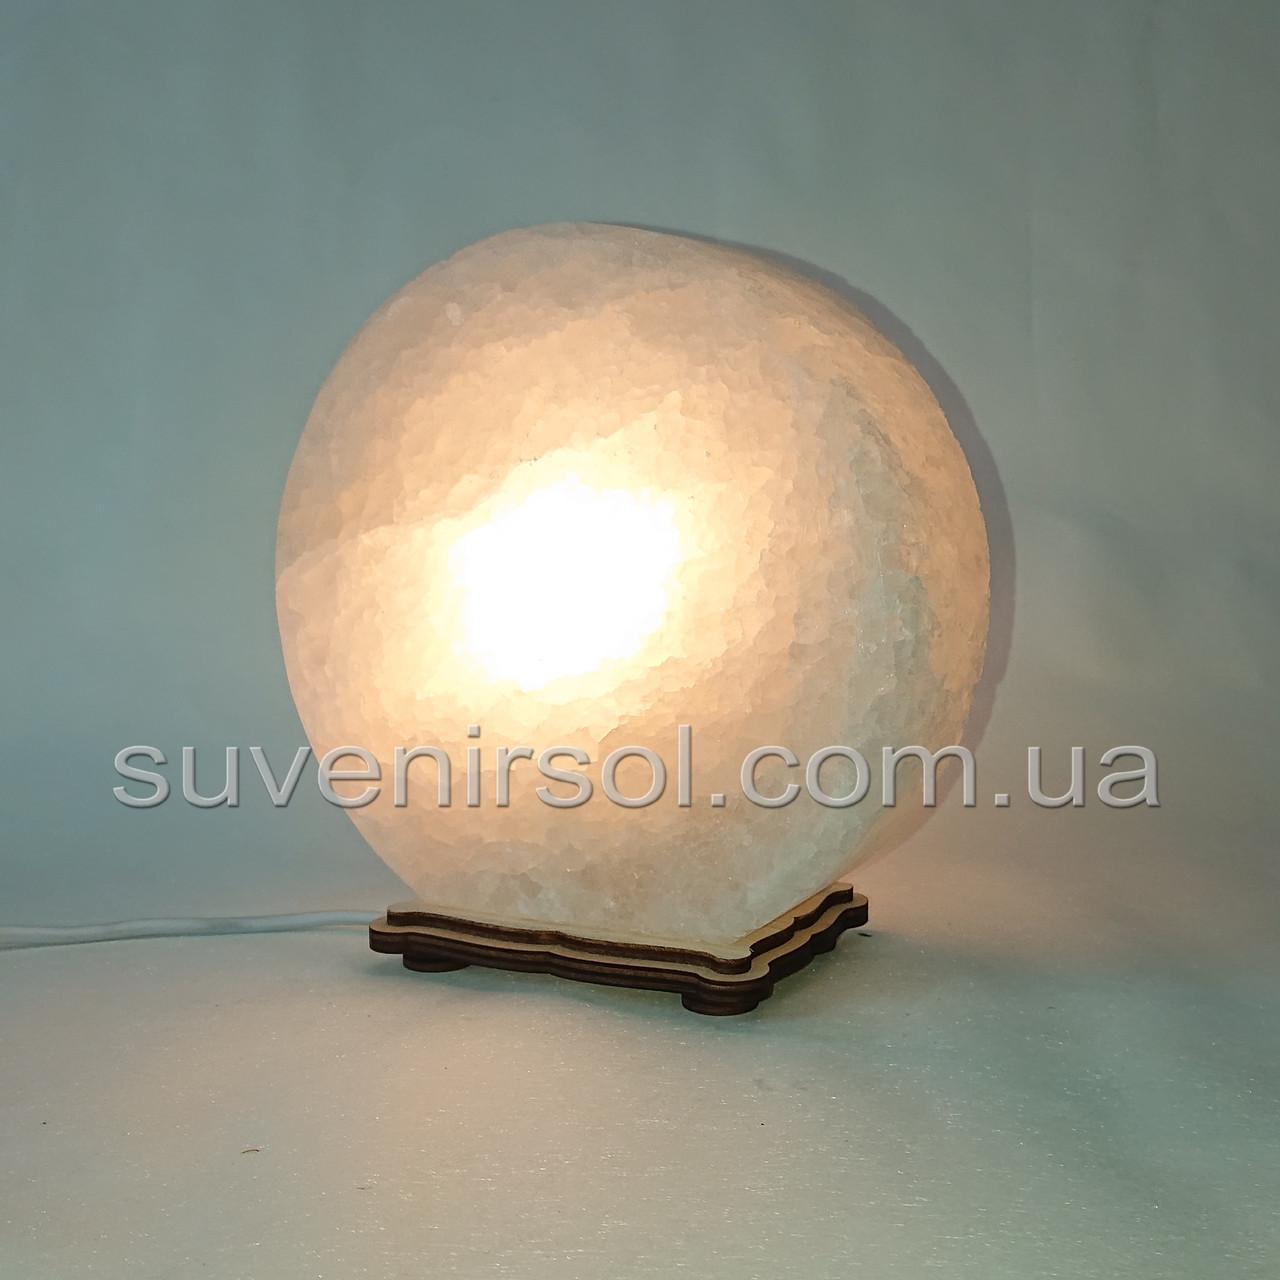 Соляной светильник круглый